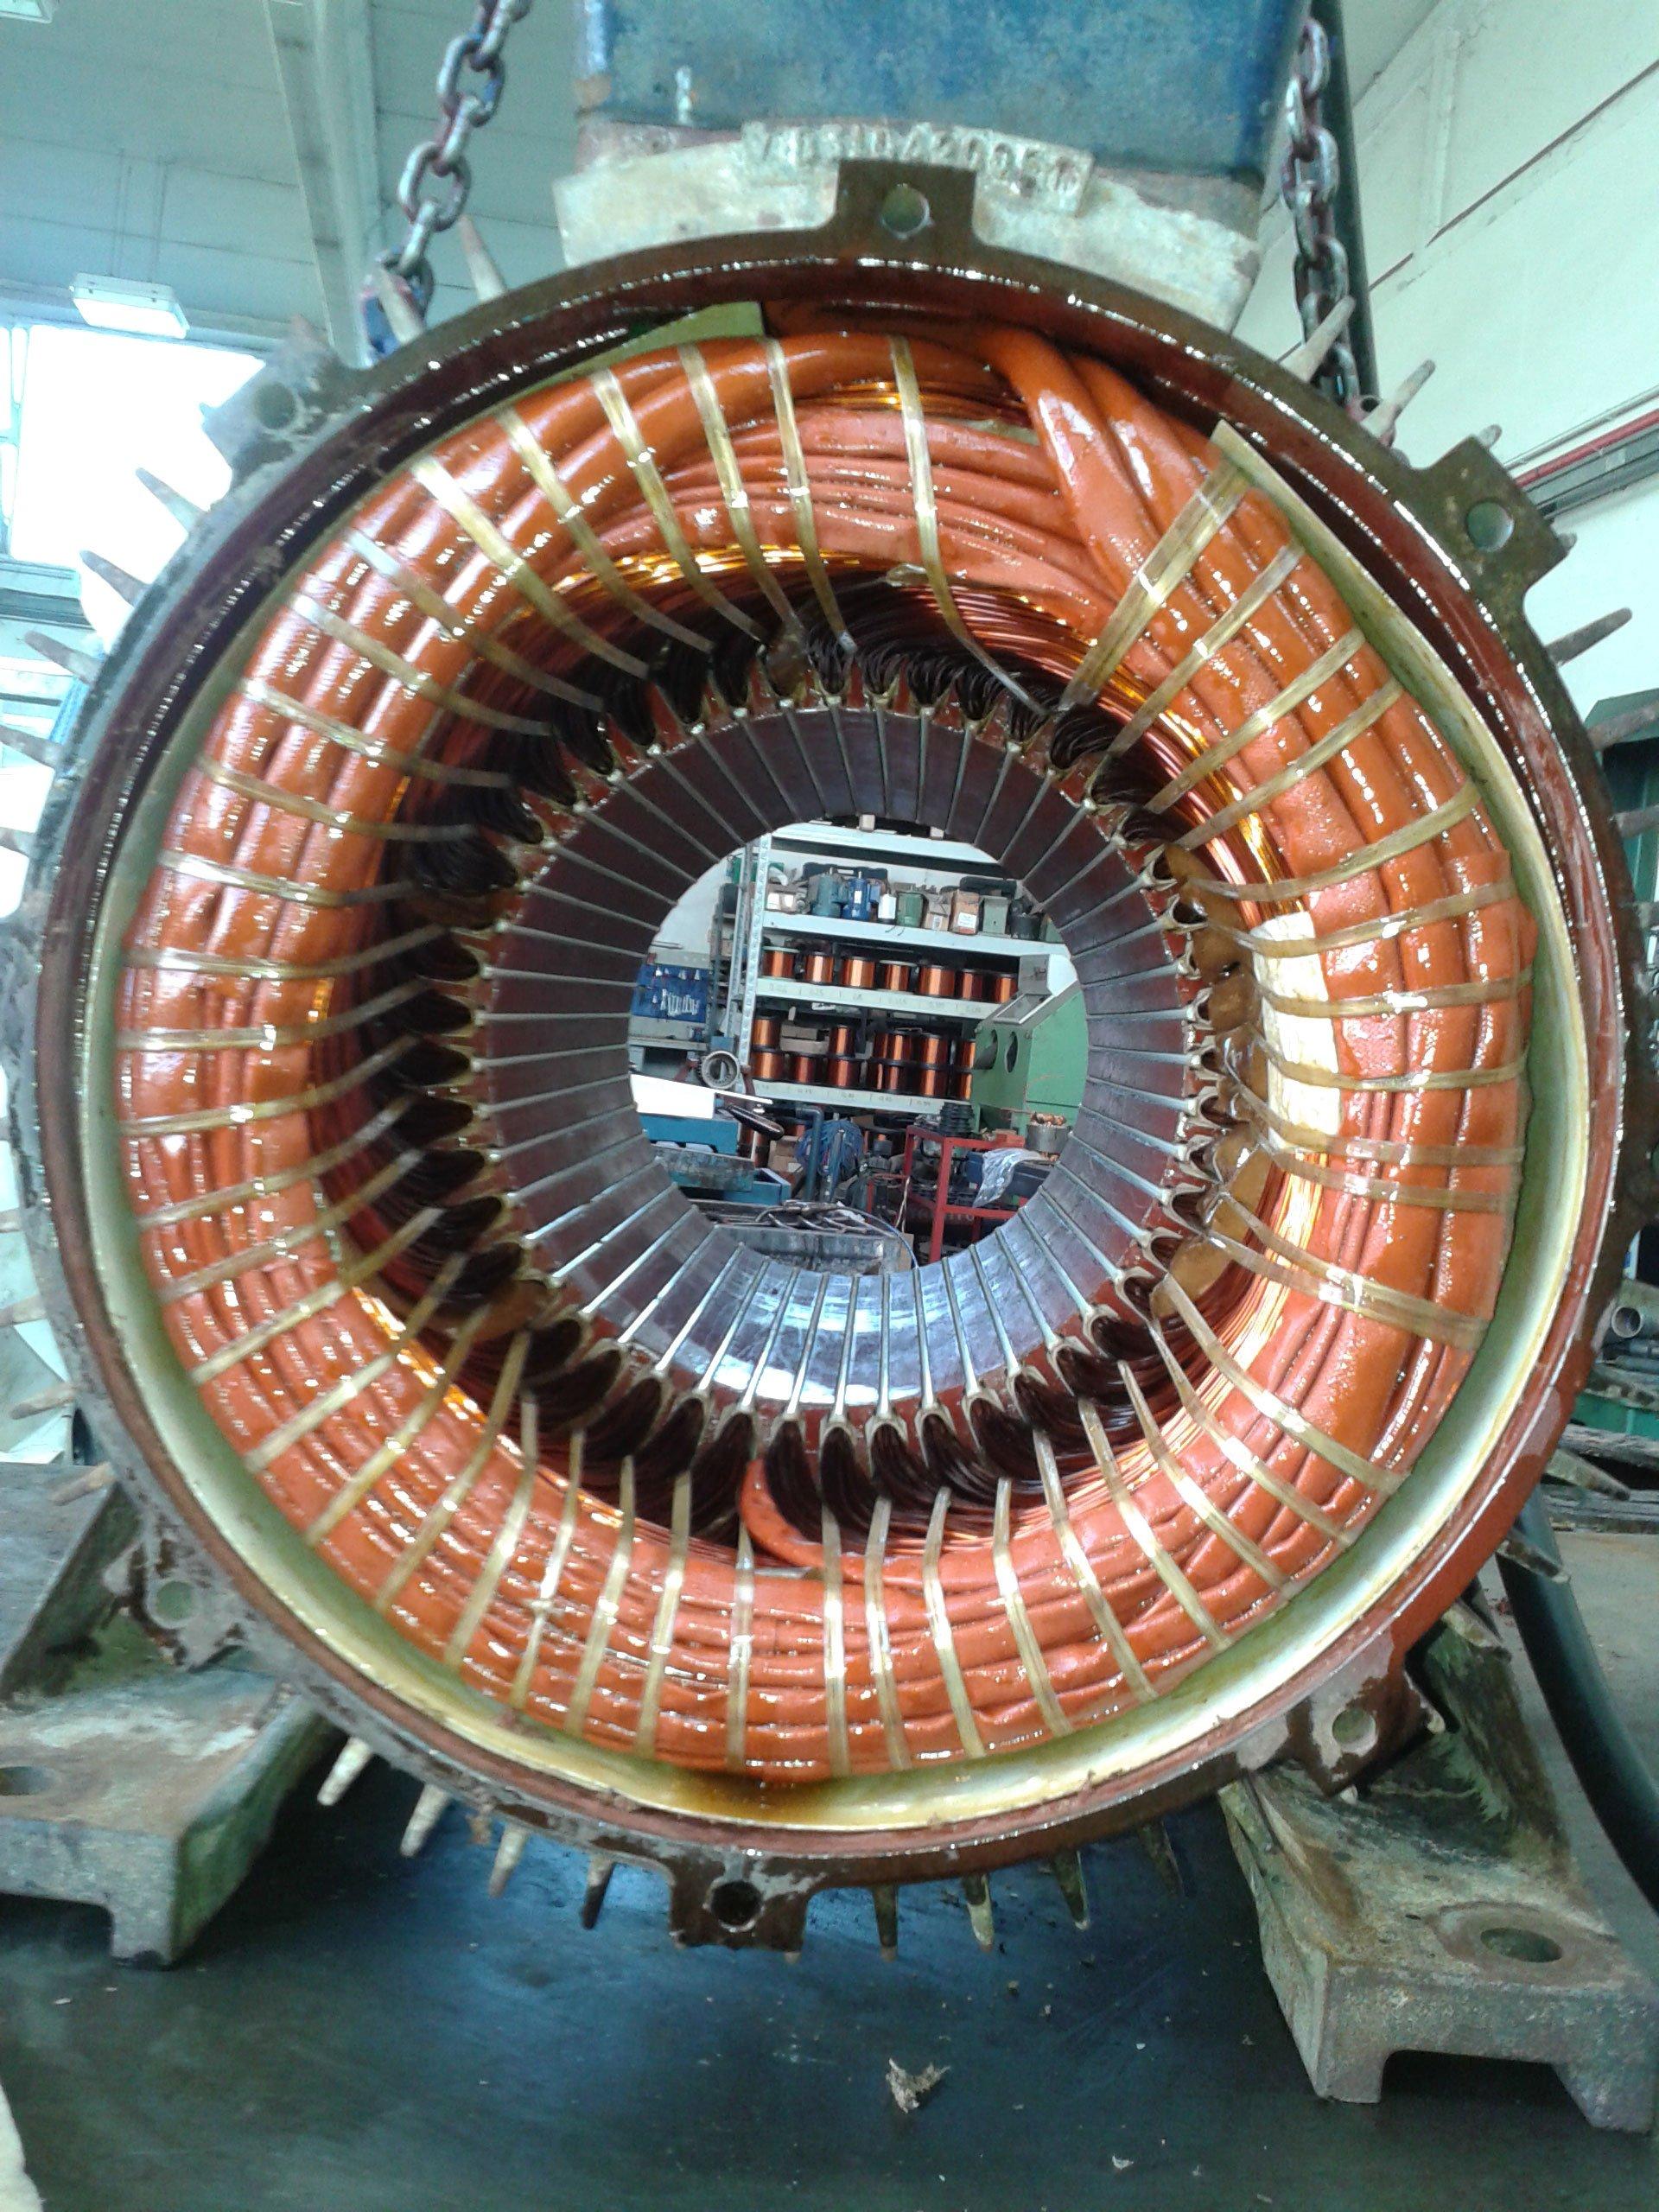 Dettaglio di un macchinario industriale